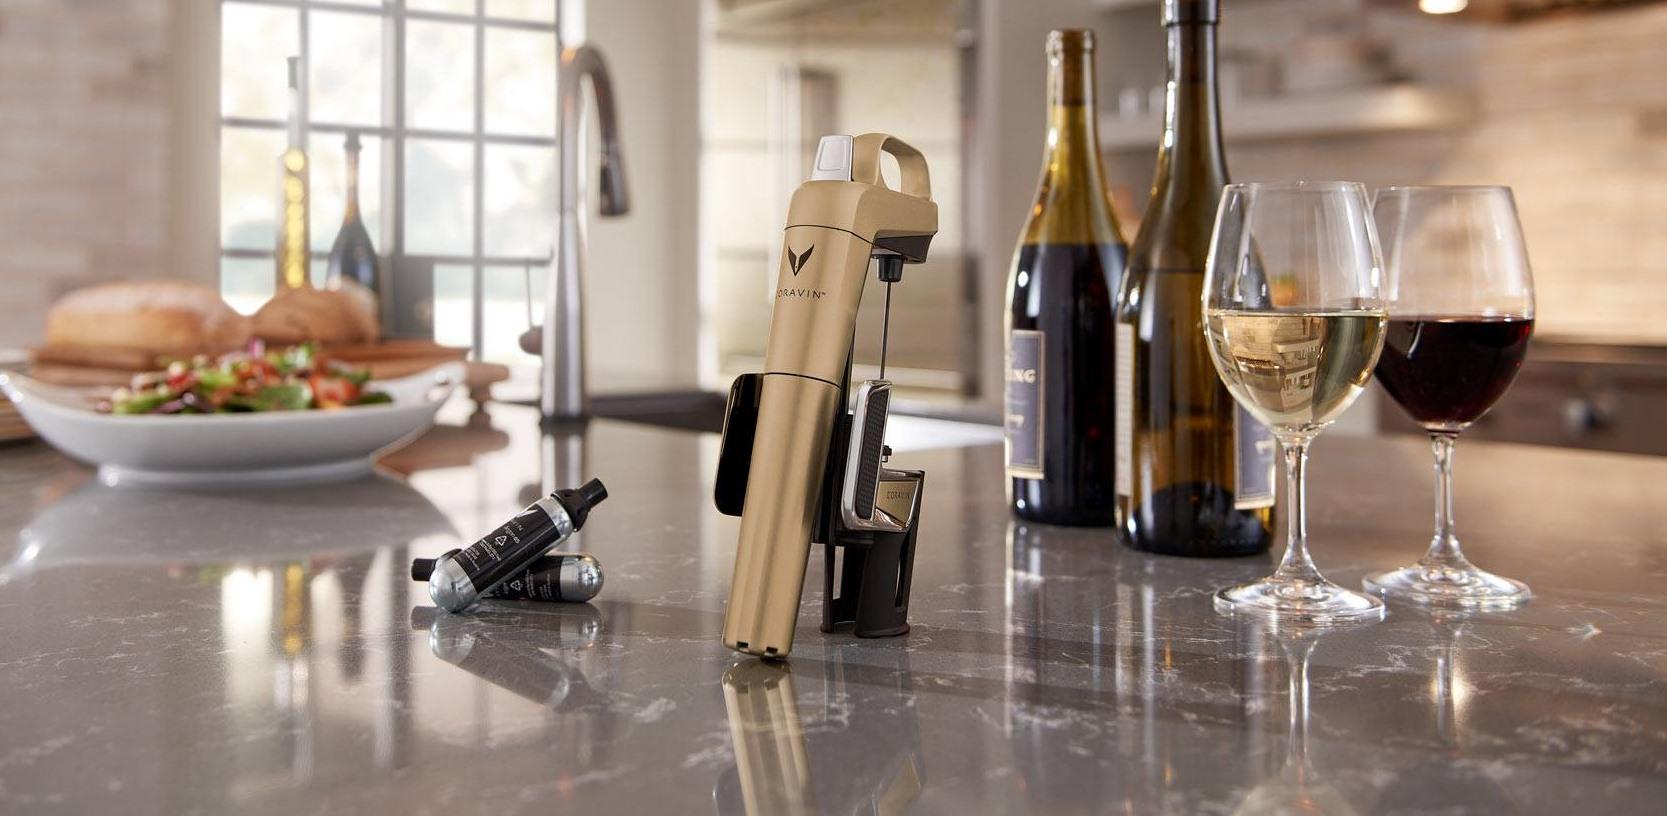 Ya es posible servir una copa de vino sin abrir la botella. Foto: Corvin.